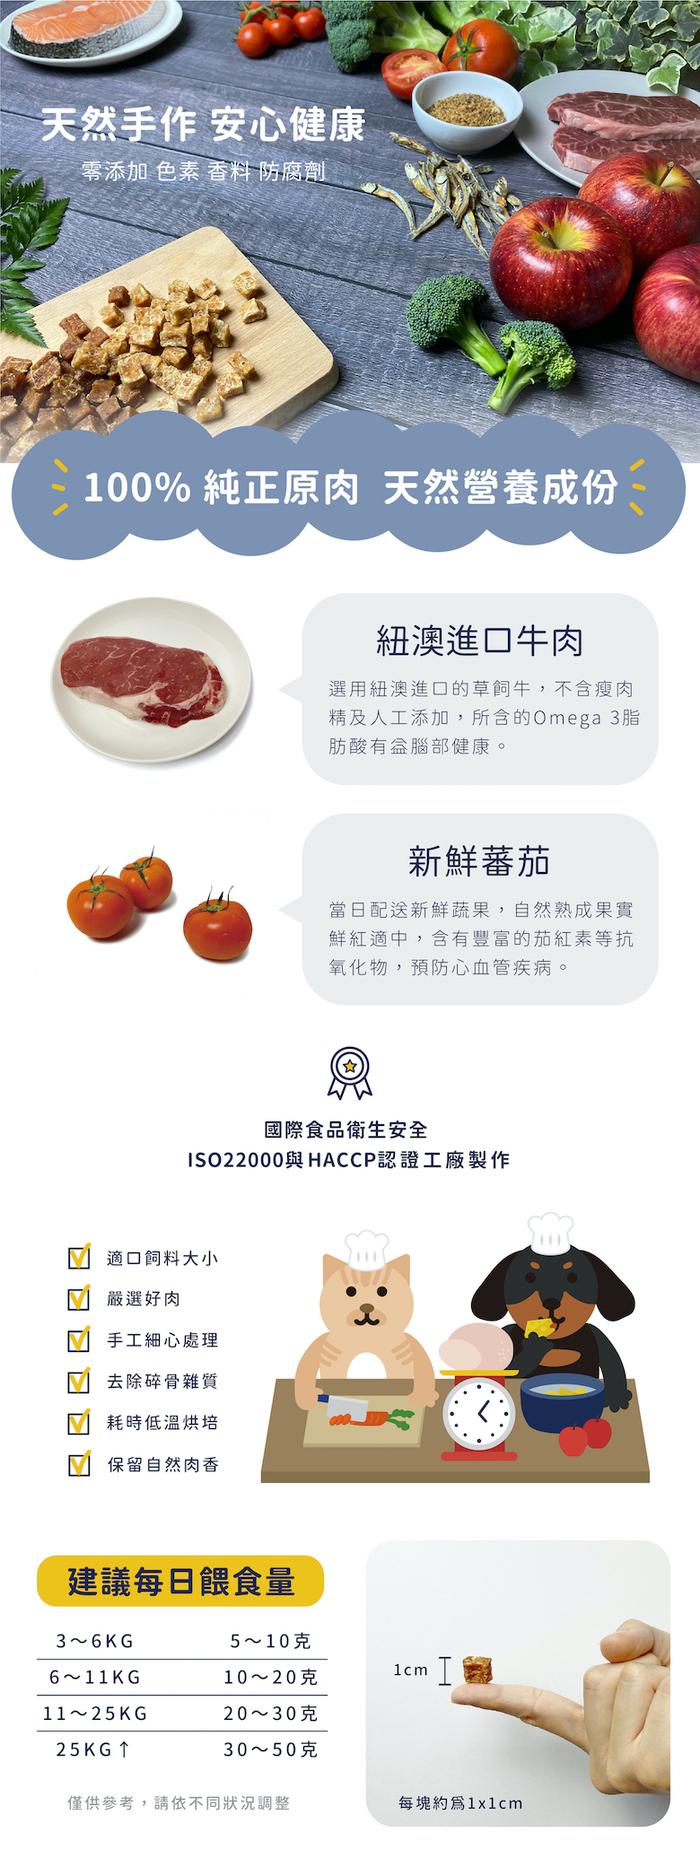 (複製)LINGO|花椰菜鮭魚丁 蔬果肉丁拌飯